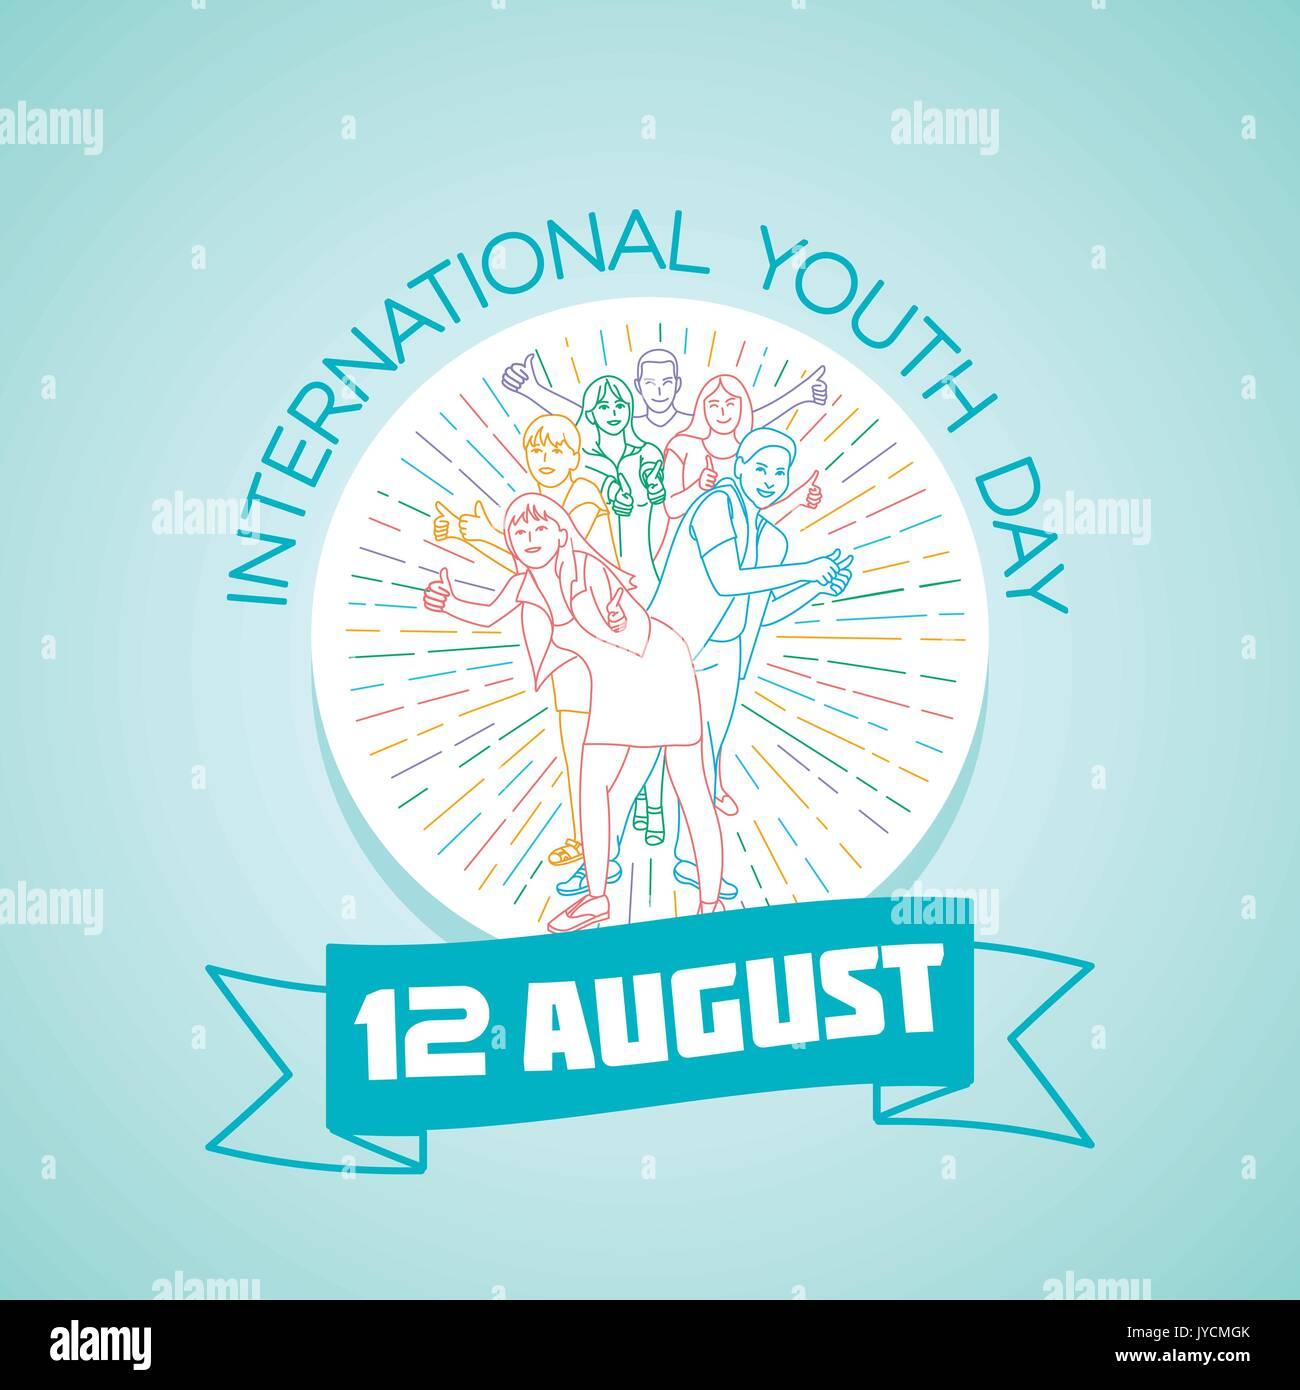 Calendario Internazionale.Calendario Per Ogni Giorno Il 12 Agosto Biglietto Di Auguri